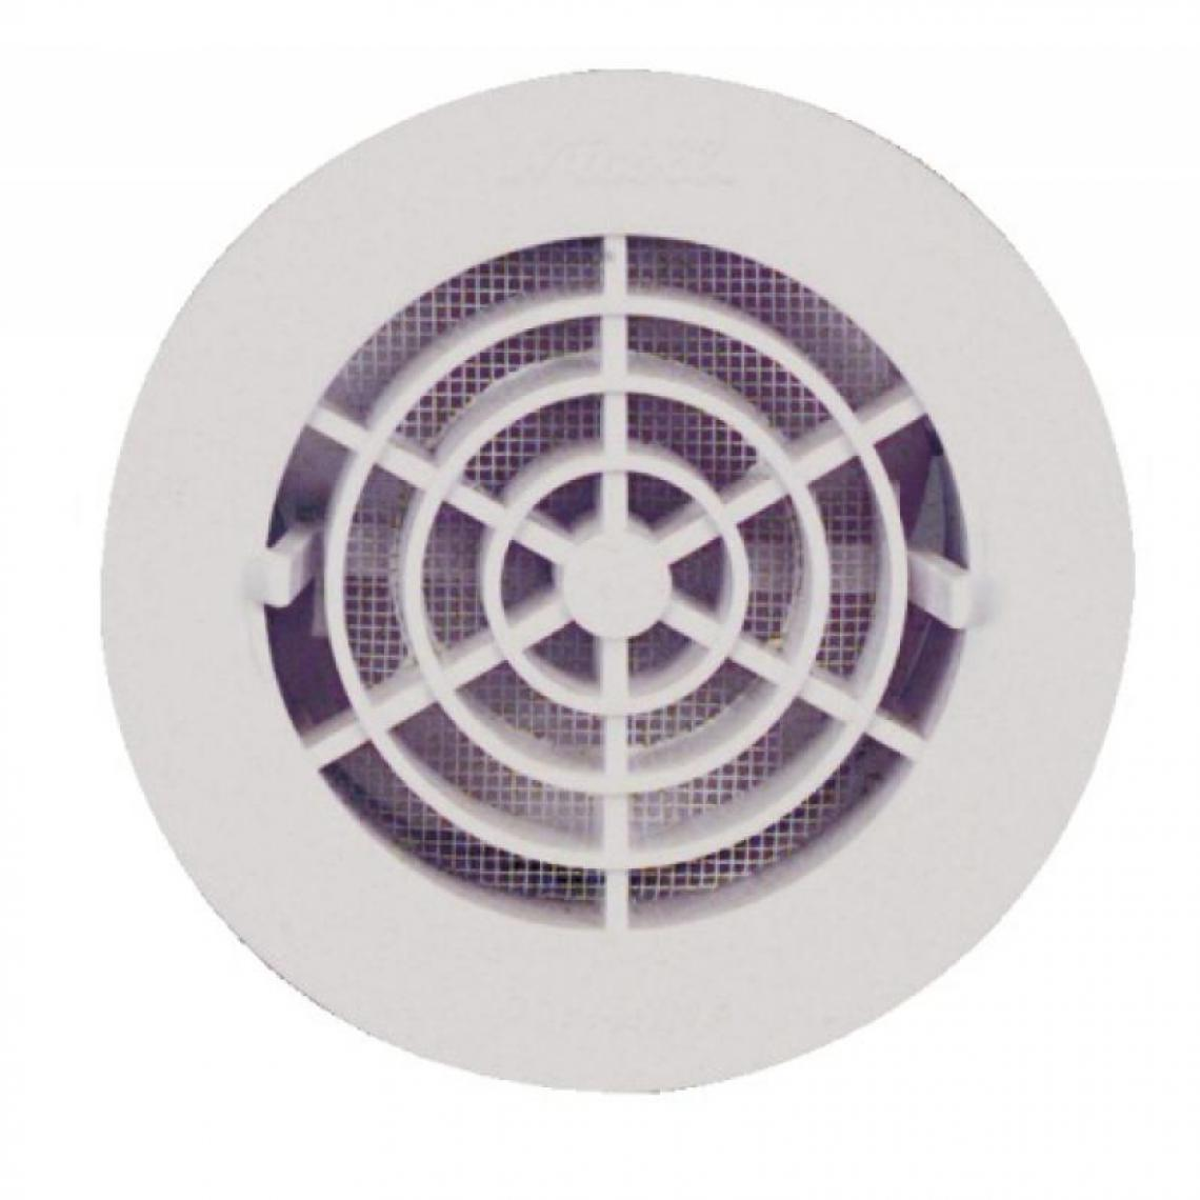 Nicoll Grille de ventilation intérieures Ø 100 mm - à fermeture FATM pour tubes PVC et gaines